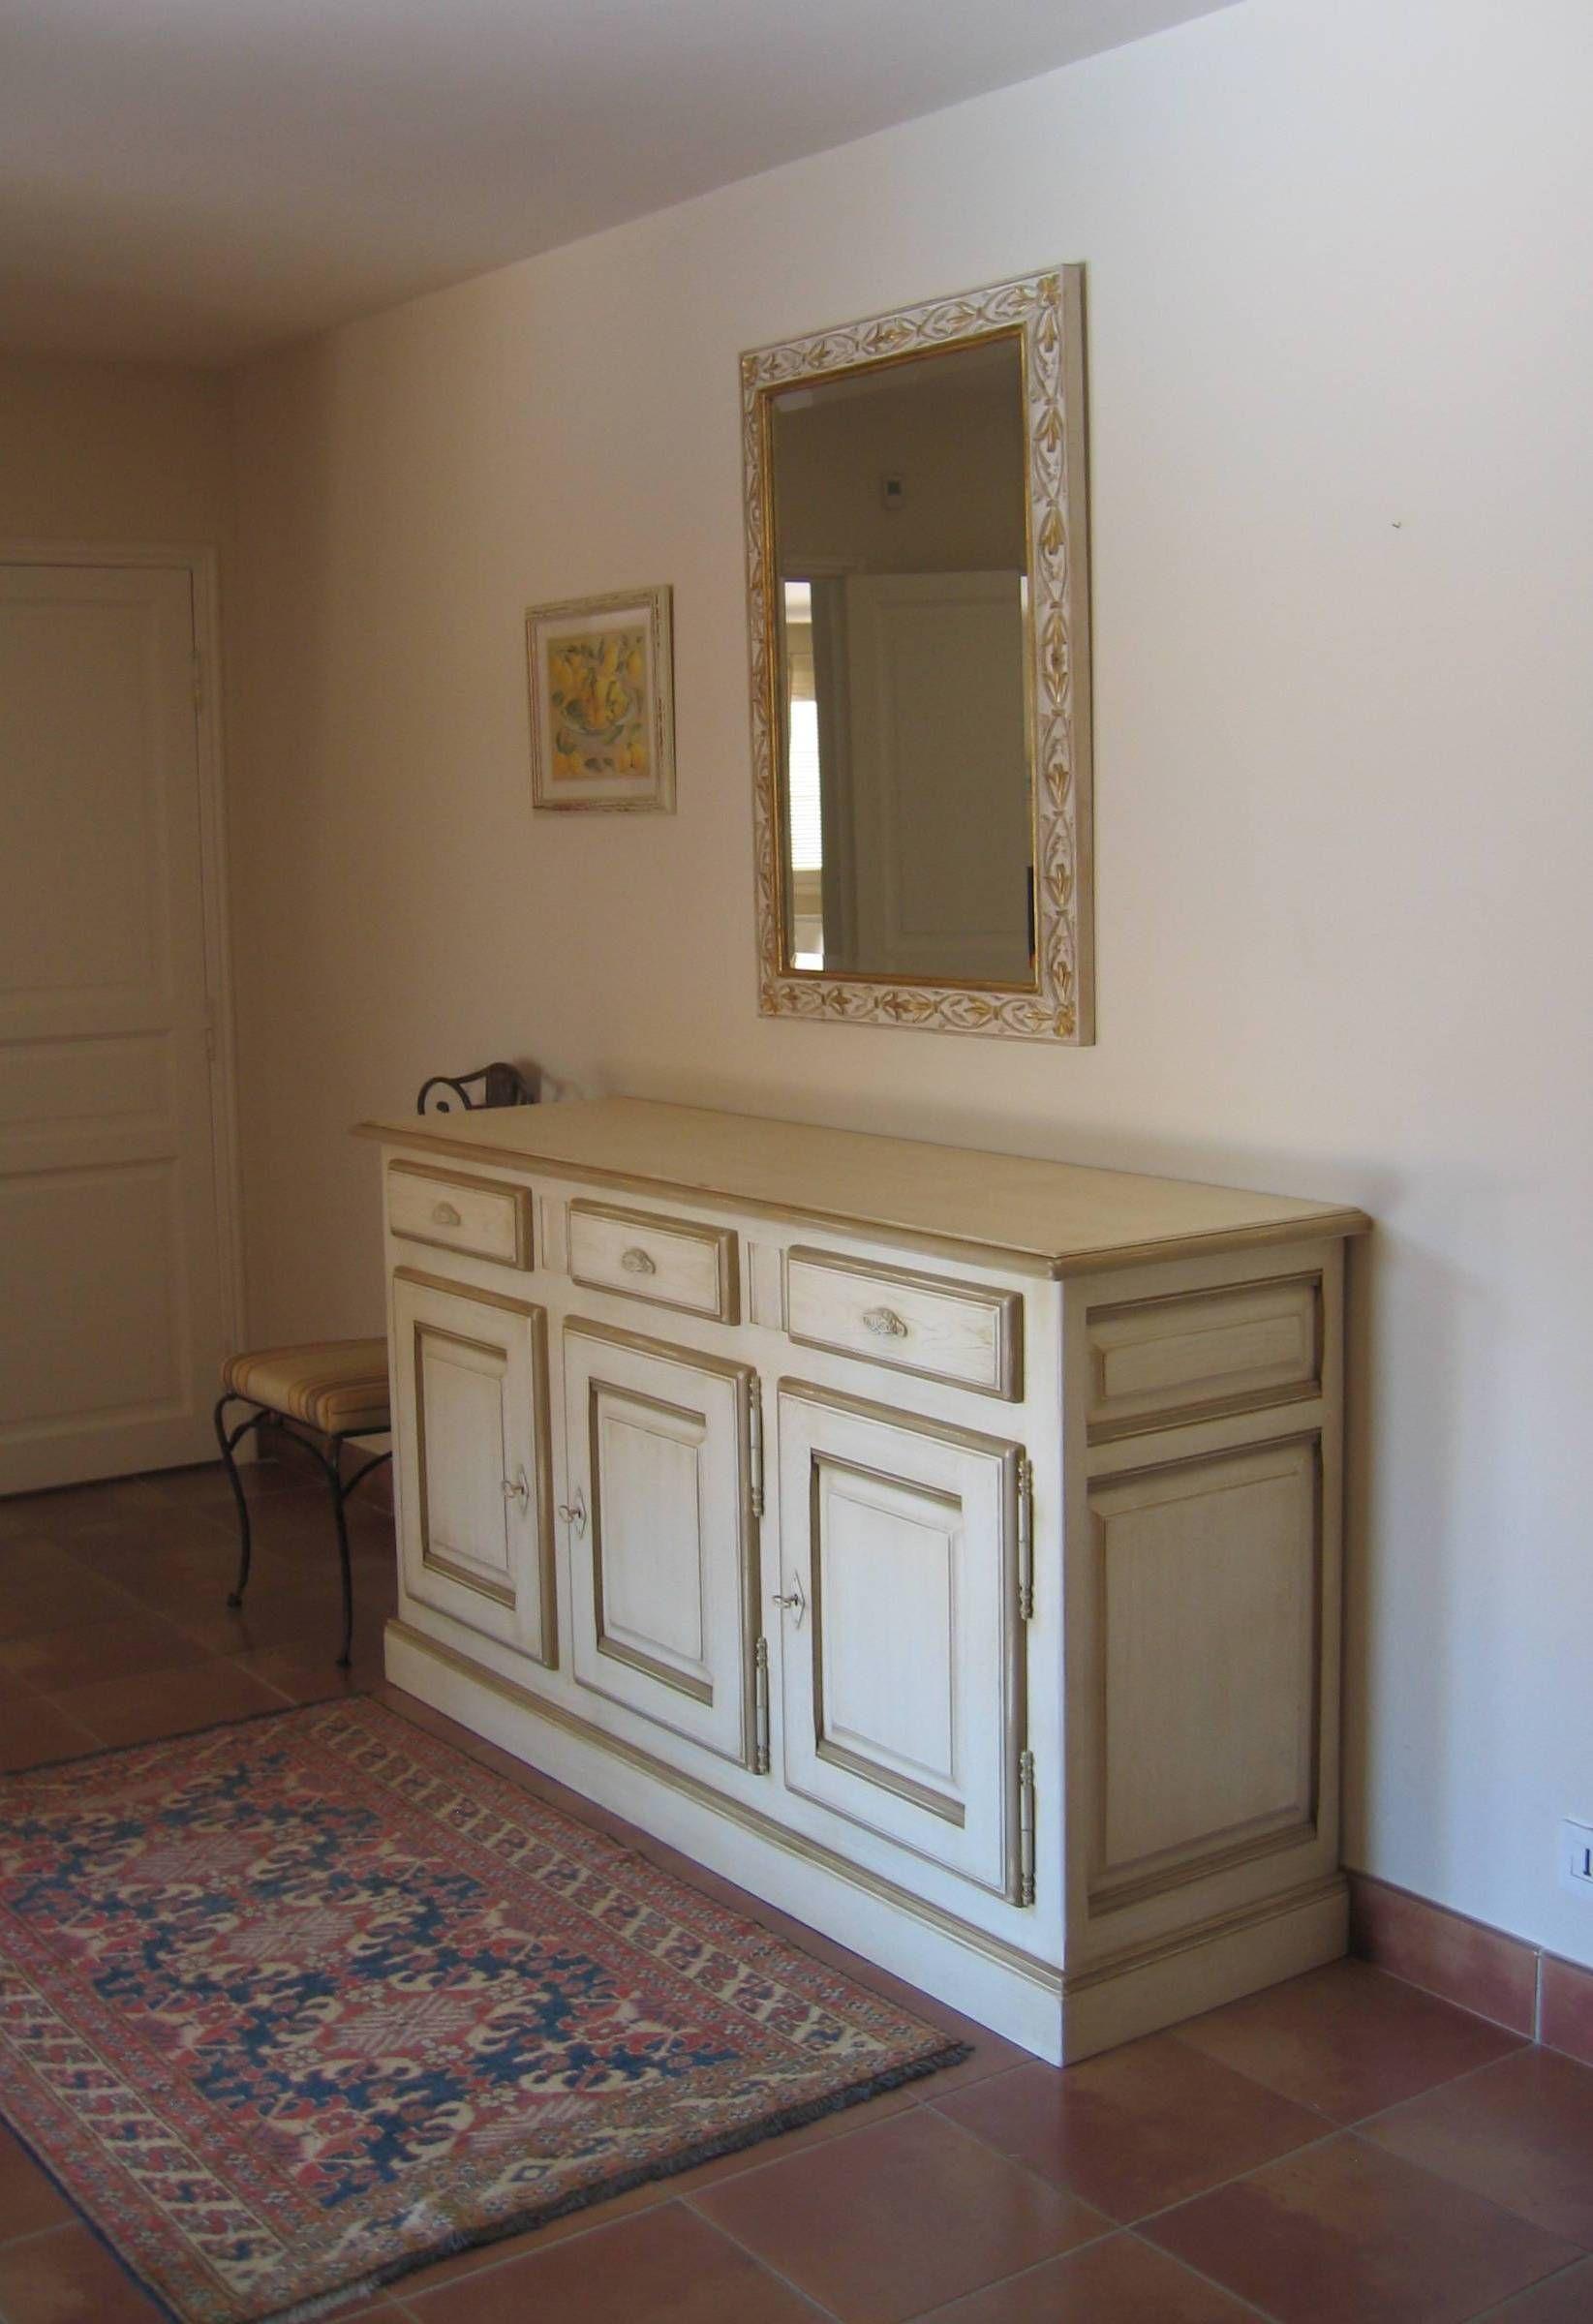 Buffet Provencal Patine Blanc Mobilier De Salon Meuble Haut De Gamme Decoration Interieure